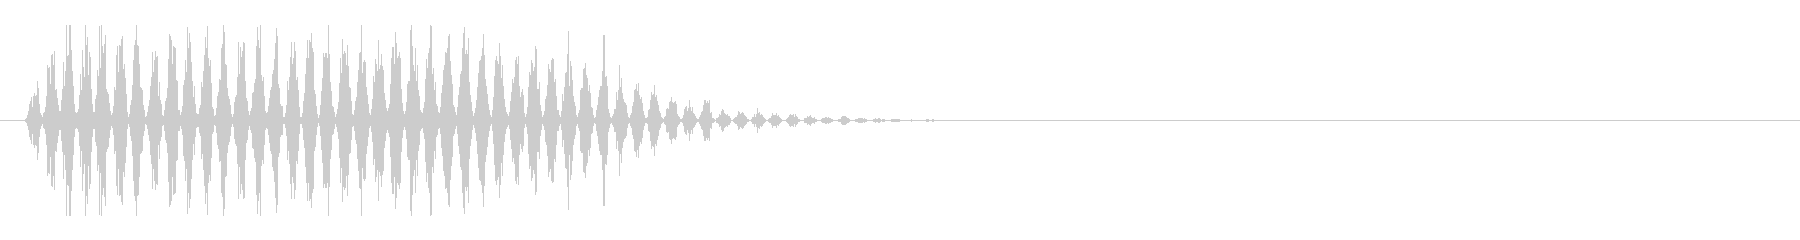 手裏剣や飛び道具(シュルルル)の未再生の波形